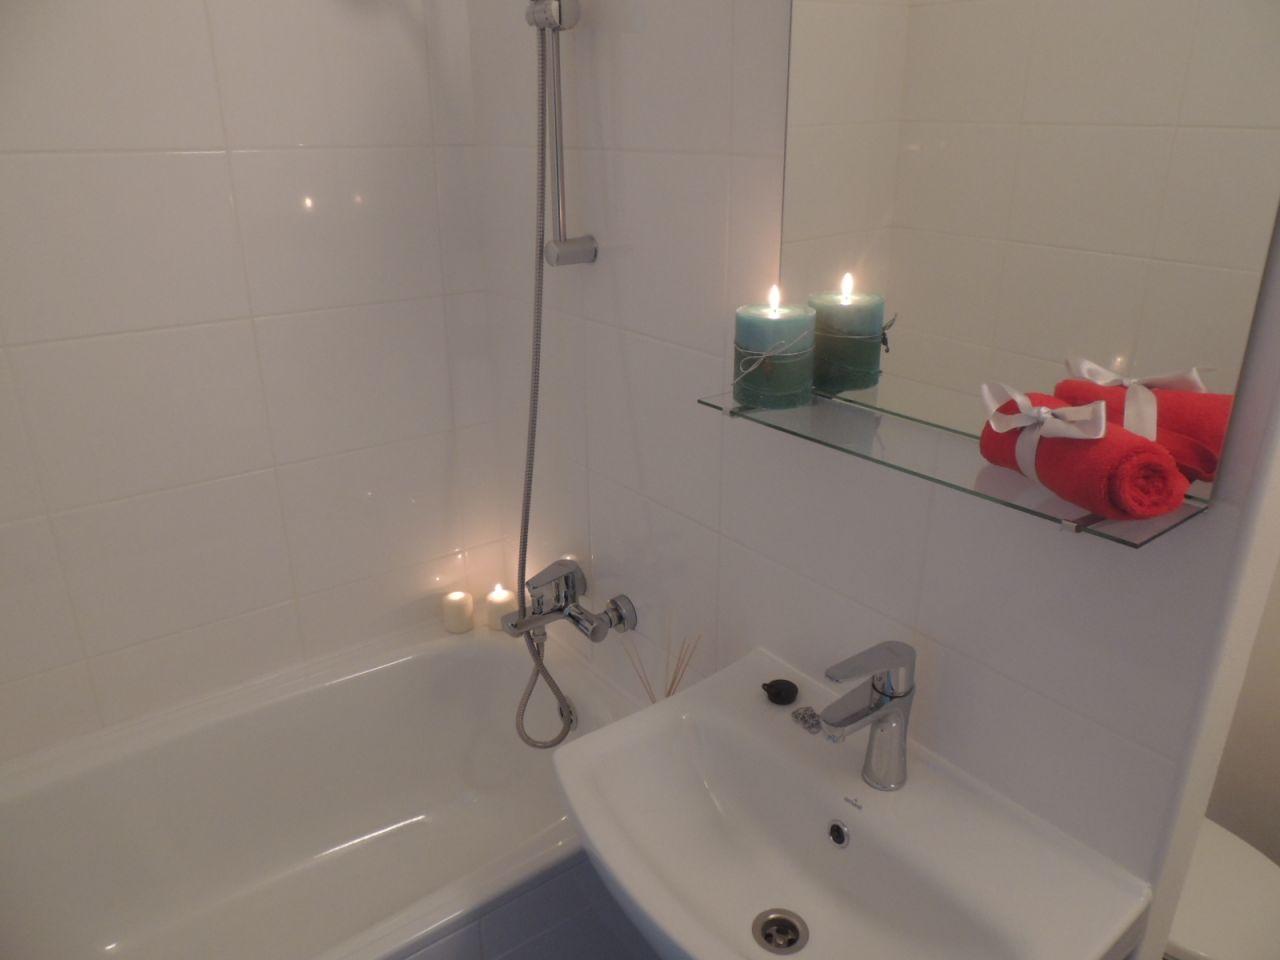 Pronájem bytu 2+1 44 m2, ul. Bedřicha Václavka 987/4, Ostrava - Bělský Les